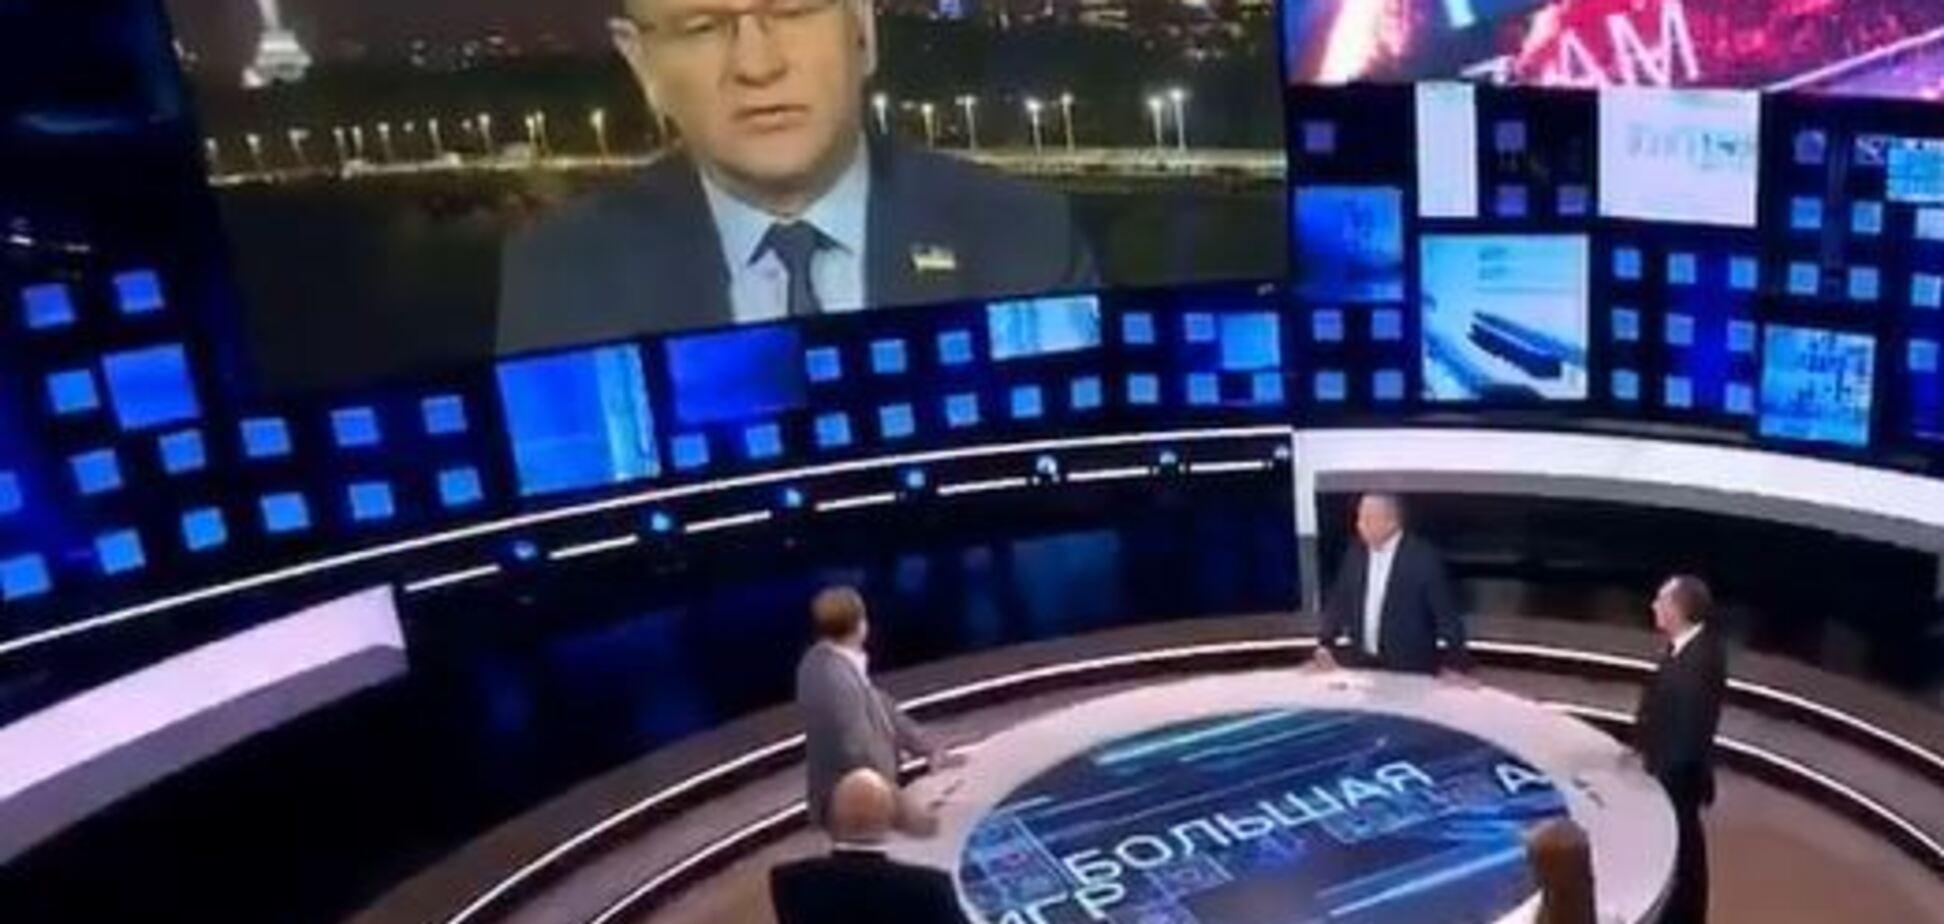 'Просто пробачити': 'слуга народу' оскандалився виступом на росТБ